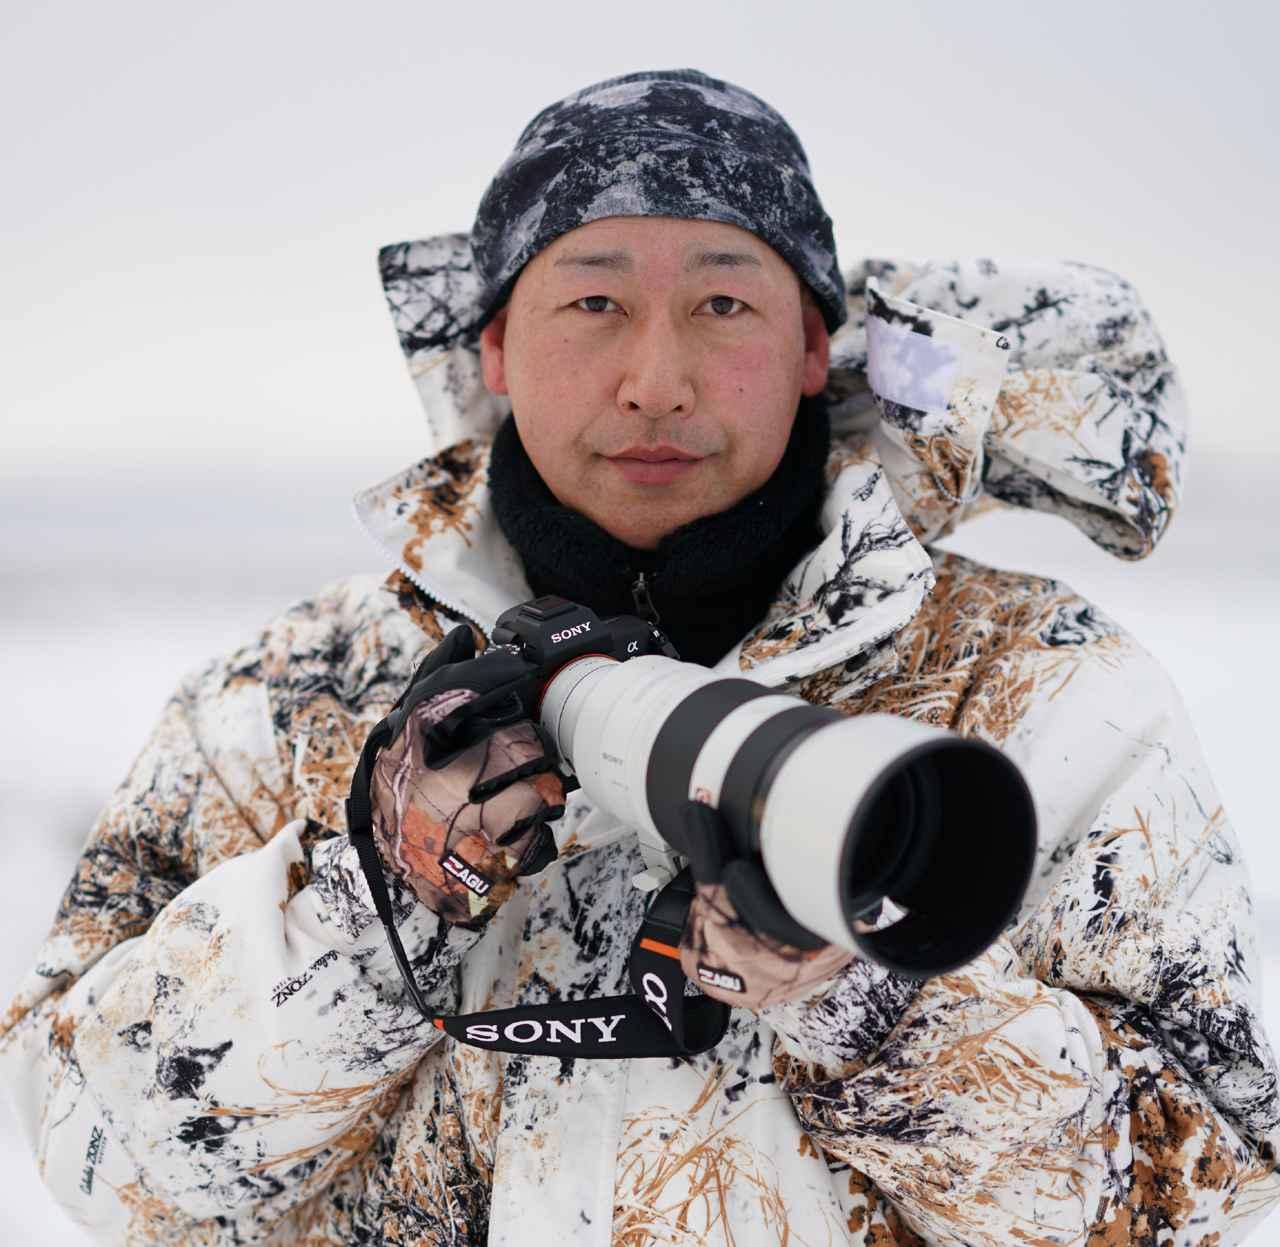 画像: 1968年、埼玉県生まれ。北海道在住。2輪、4輪のエンジニア時代にバイクツーリングで訪れた北海道に惹かれ、2000年に移住。キタキツネの撮影をきっかけに、2002年より写真家として活動を開始。北海道を中心に国内外の野生動物を撮影し、雑誌やカレンダー等の各種媒体に作品を提供。野生動物に関する深い知識と豊富な経験に基づく的確で粘り強い撮影スタイルから生み出される、力強く美しい作品には定評がある。公益社団法人日本写真家協会(JPS) 会員。公式サイト http://www.junsetsusha.com www.junsetsusha.com